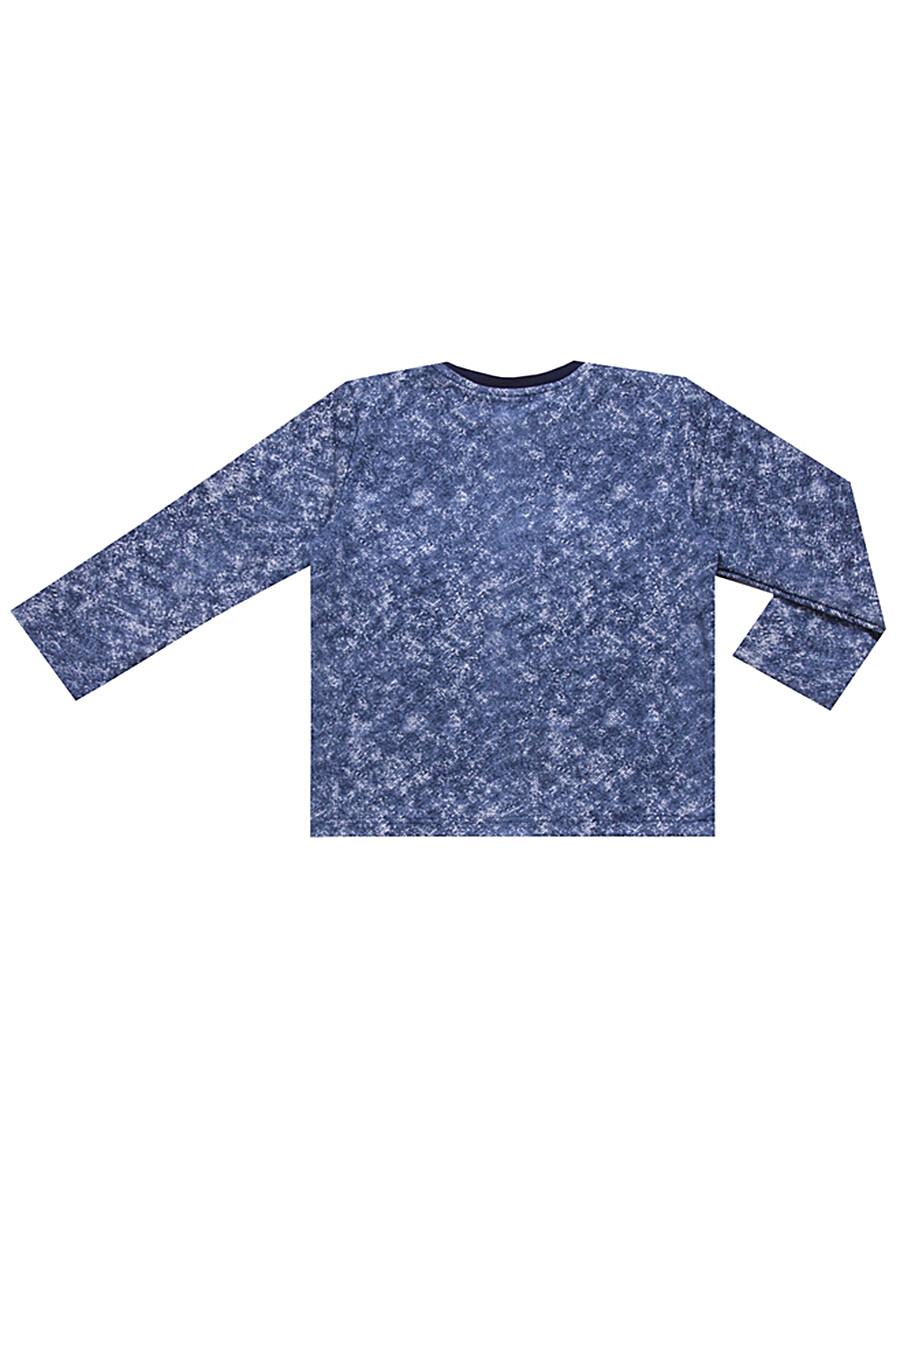 Джемпер для мальчиков АПРЕЛЬ 699878 купить оптом от производителя. Совместная покупка детской одежды в OptMoyo